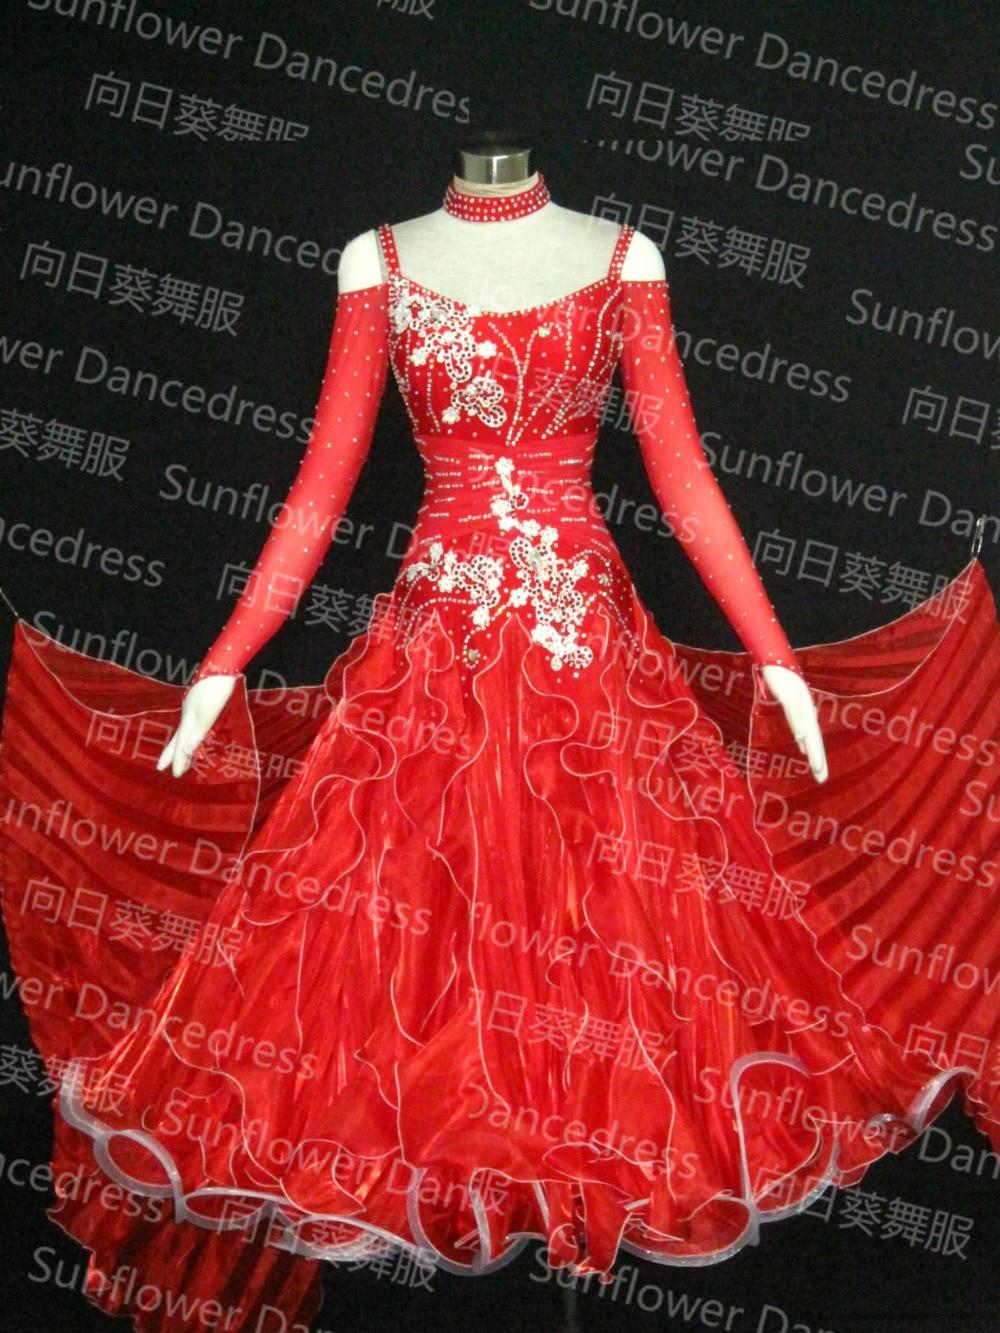 Sunflower Dancedress, Waltz Tango Ballroom Dance Dress, Girls/Women Modern Dance/Perform Costume/Wear,  S M L LL  Size,